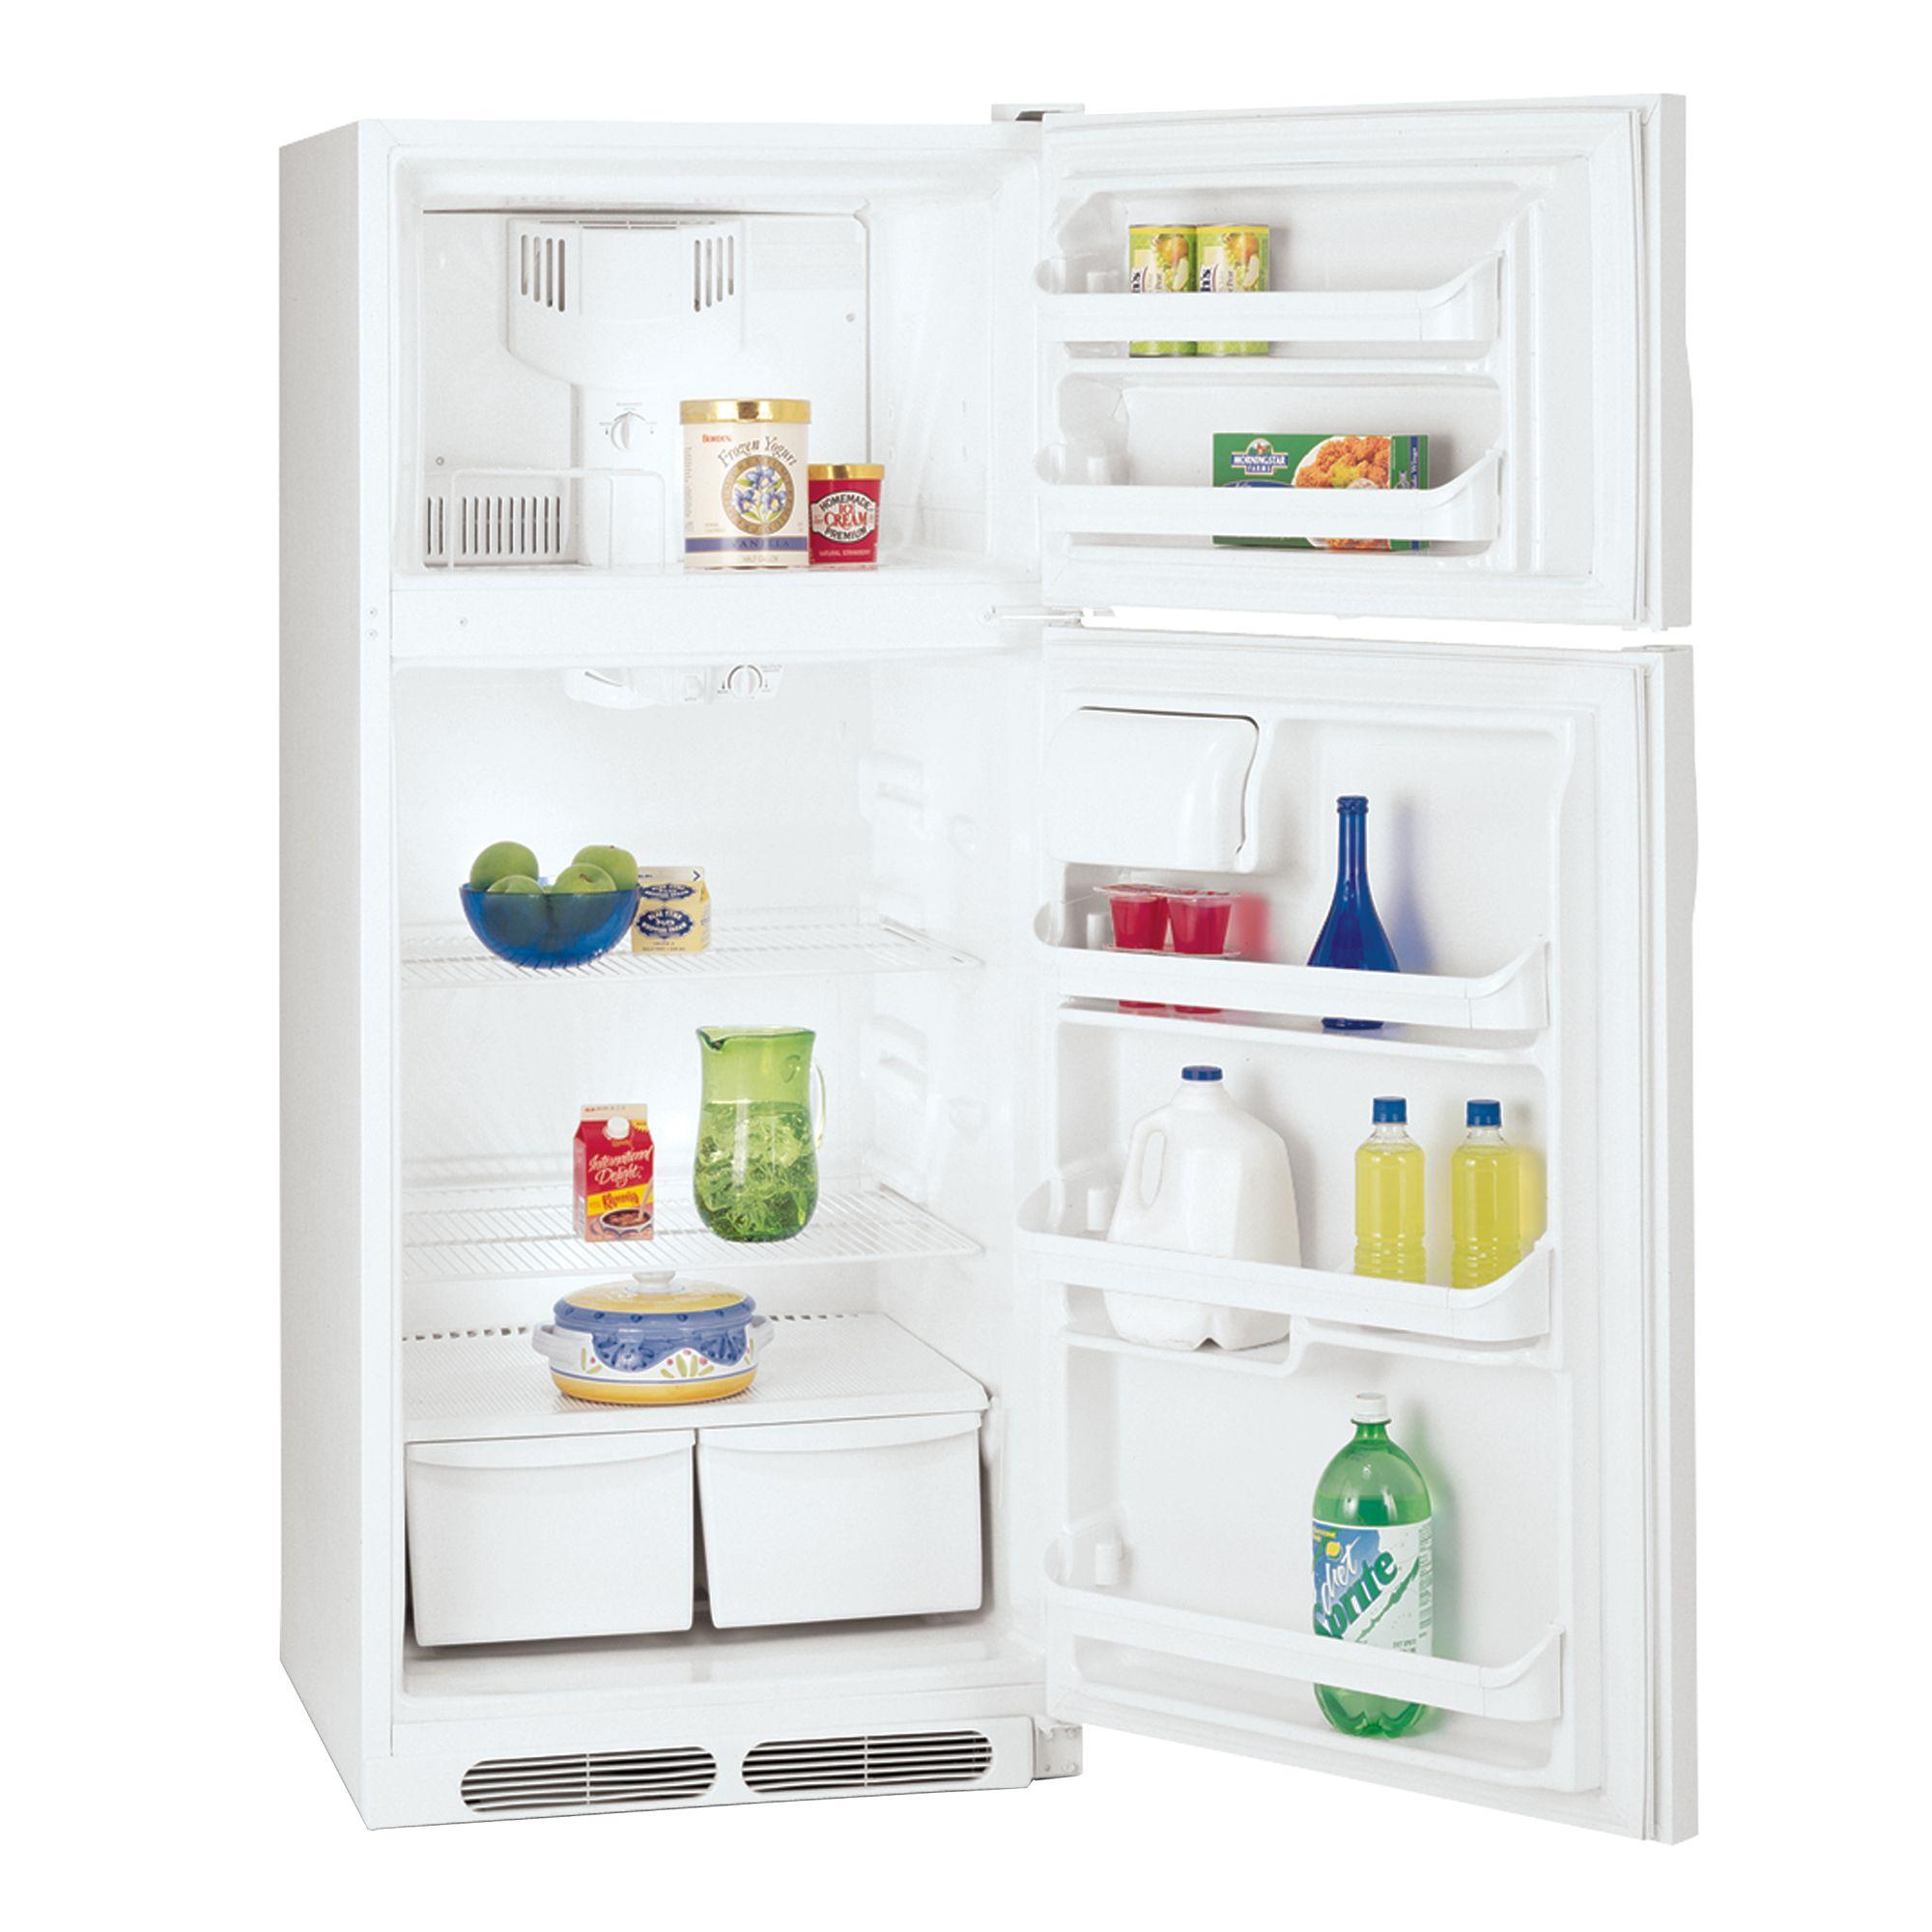 Frigidaire 16.5 cu. ft. Top Freezer Refrigerator (FRT17HB3)